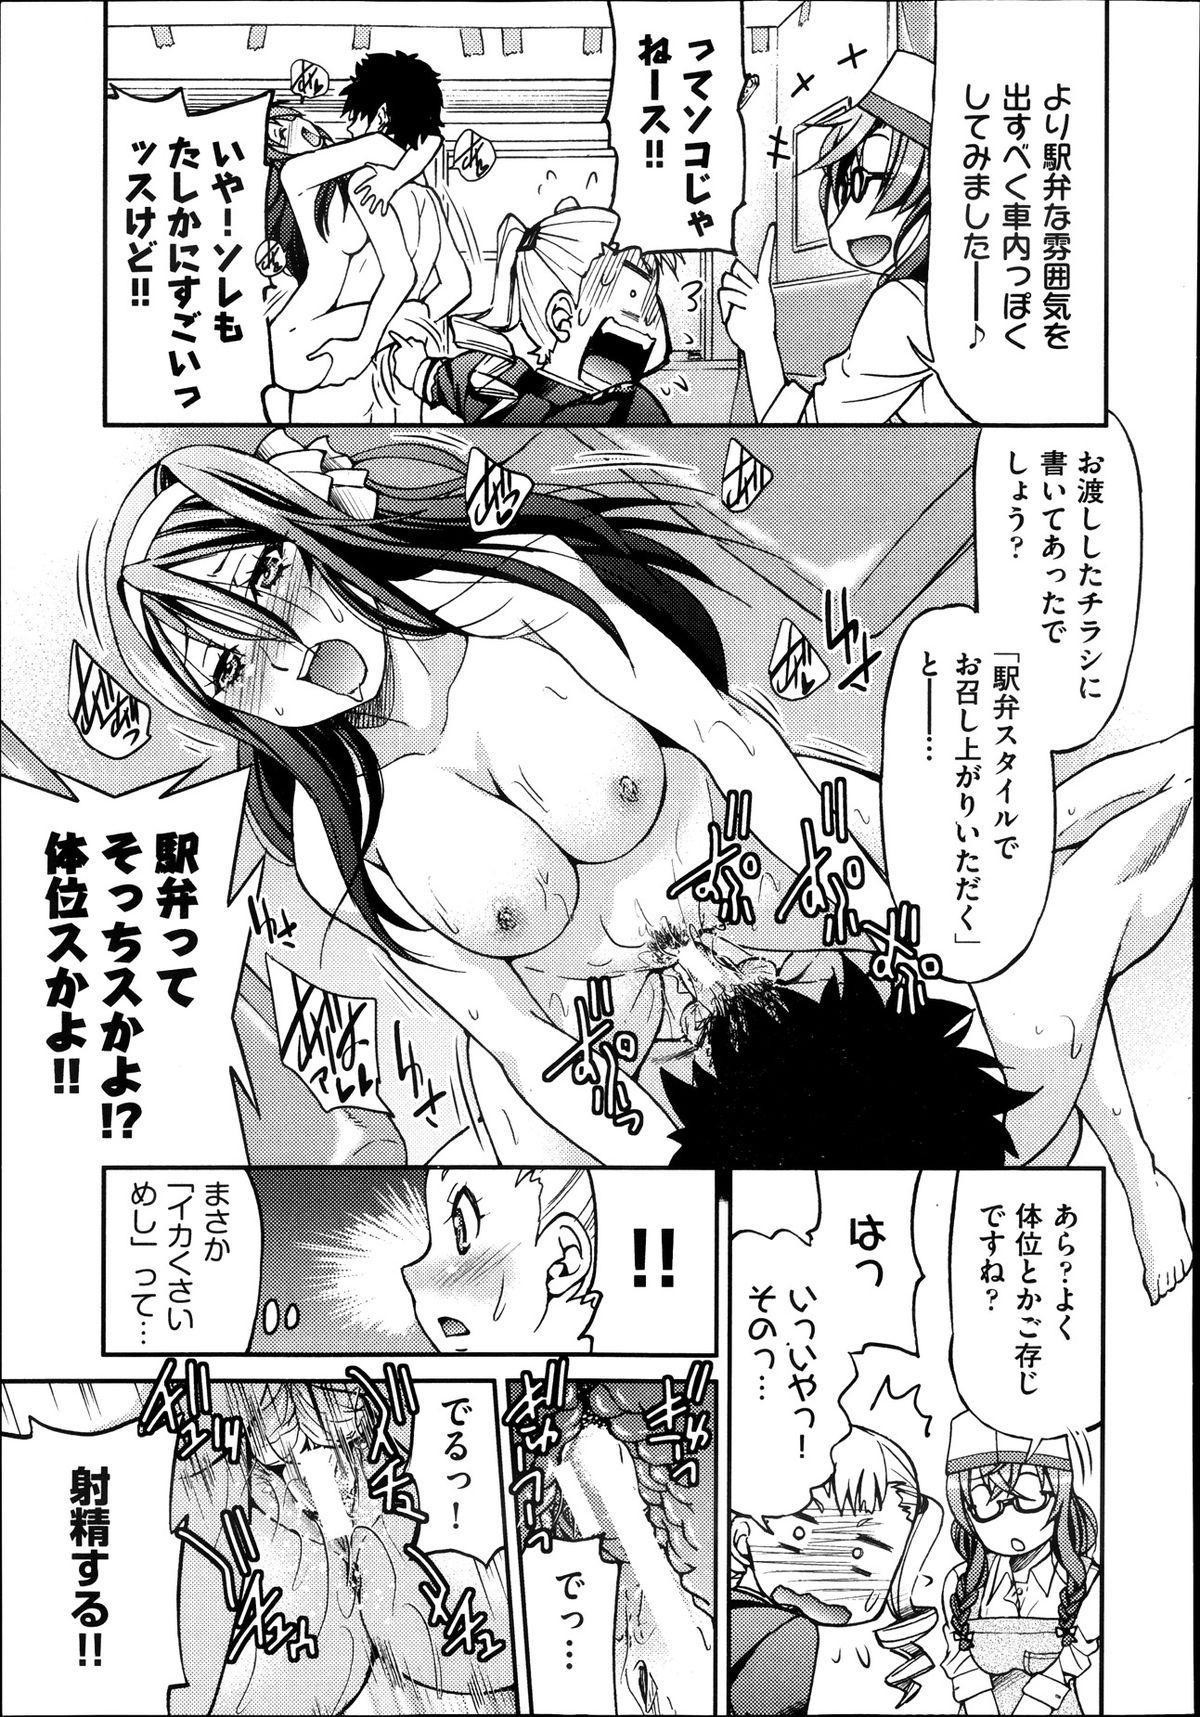 [Inoue Yoshihisa] Joshitetsu -Girls railway Geek- Ch.1-7 111